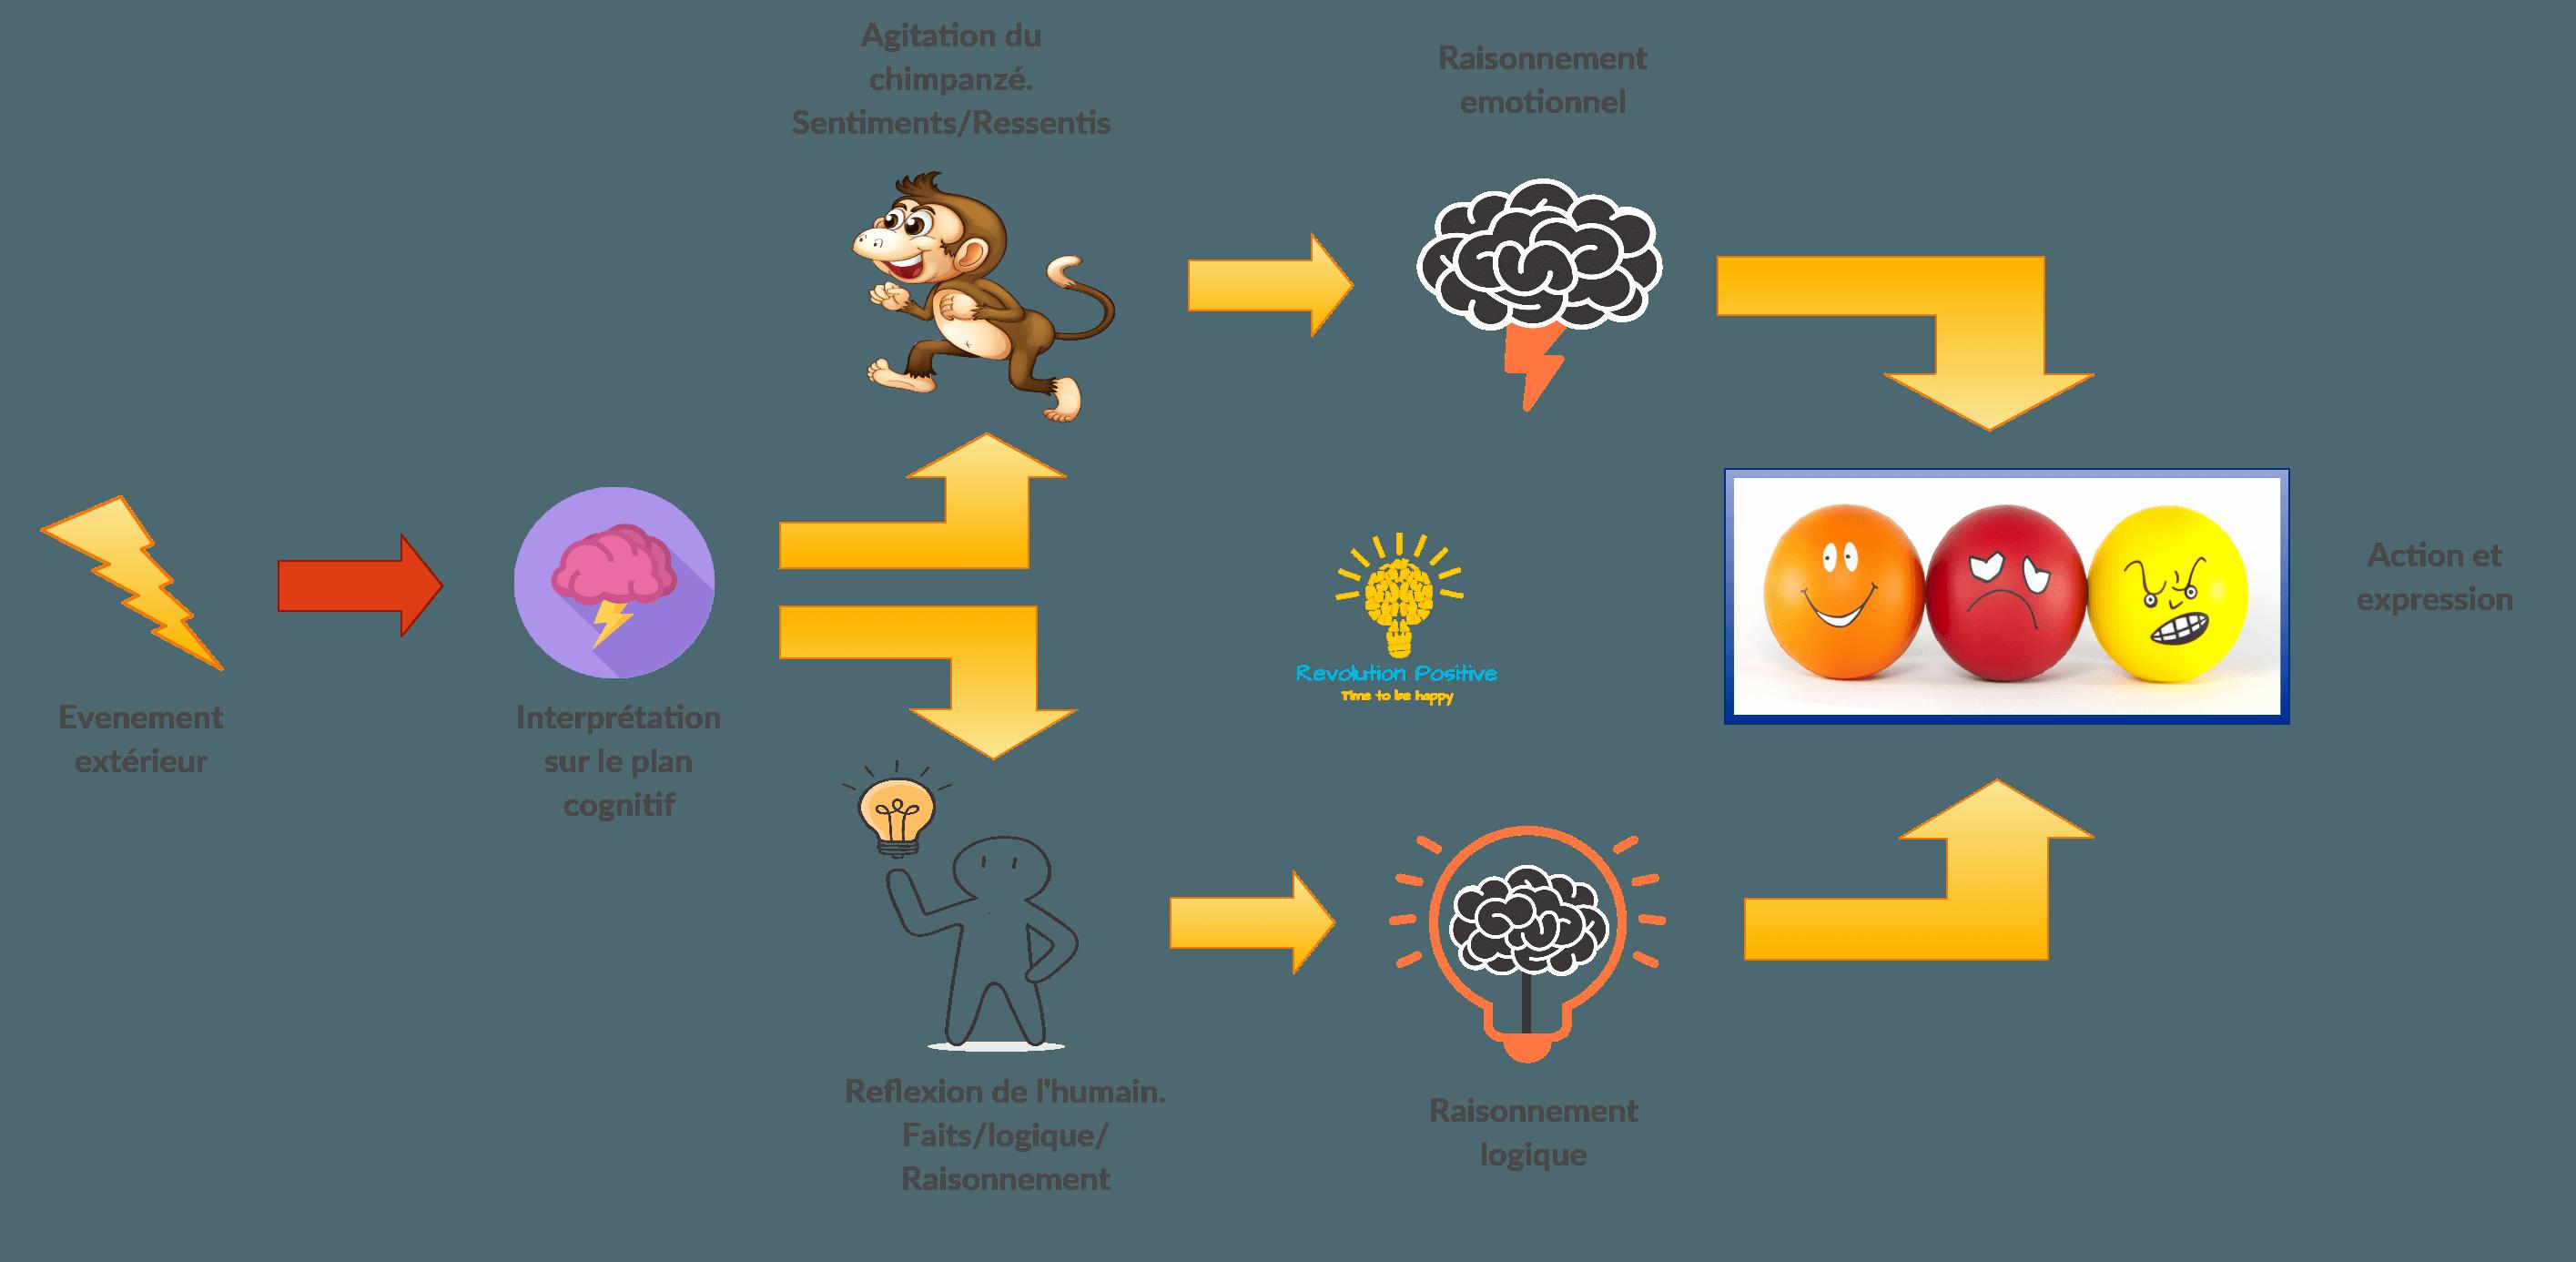 Gestion des émotions. Que se passe t-il lorsqu'un évènement extérieur survient ? Pourquoi nous réagissons trop rapidement ? Découverte du cerveau émotionnel et du cerveau logique.